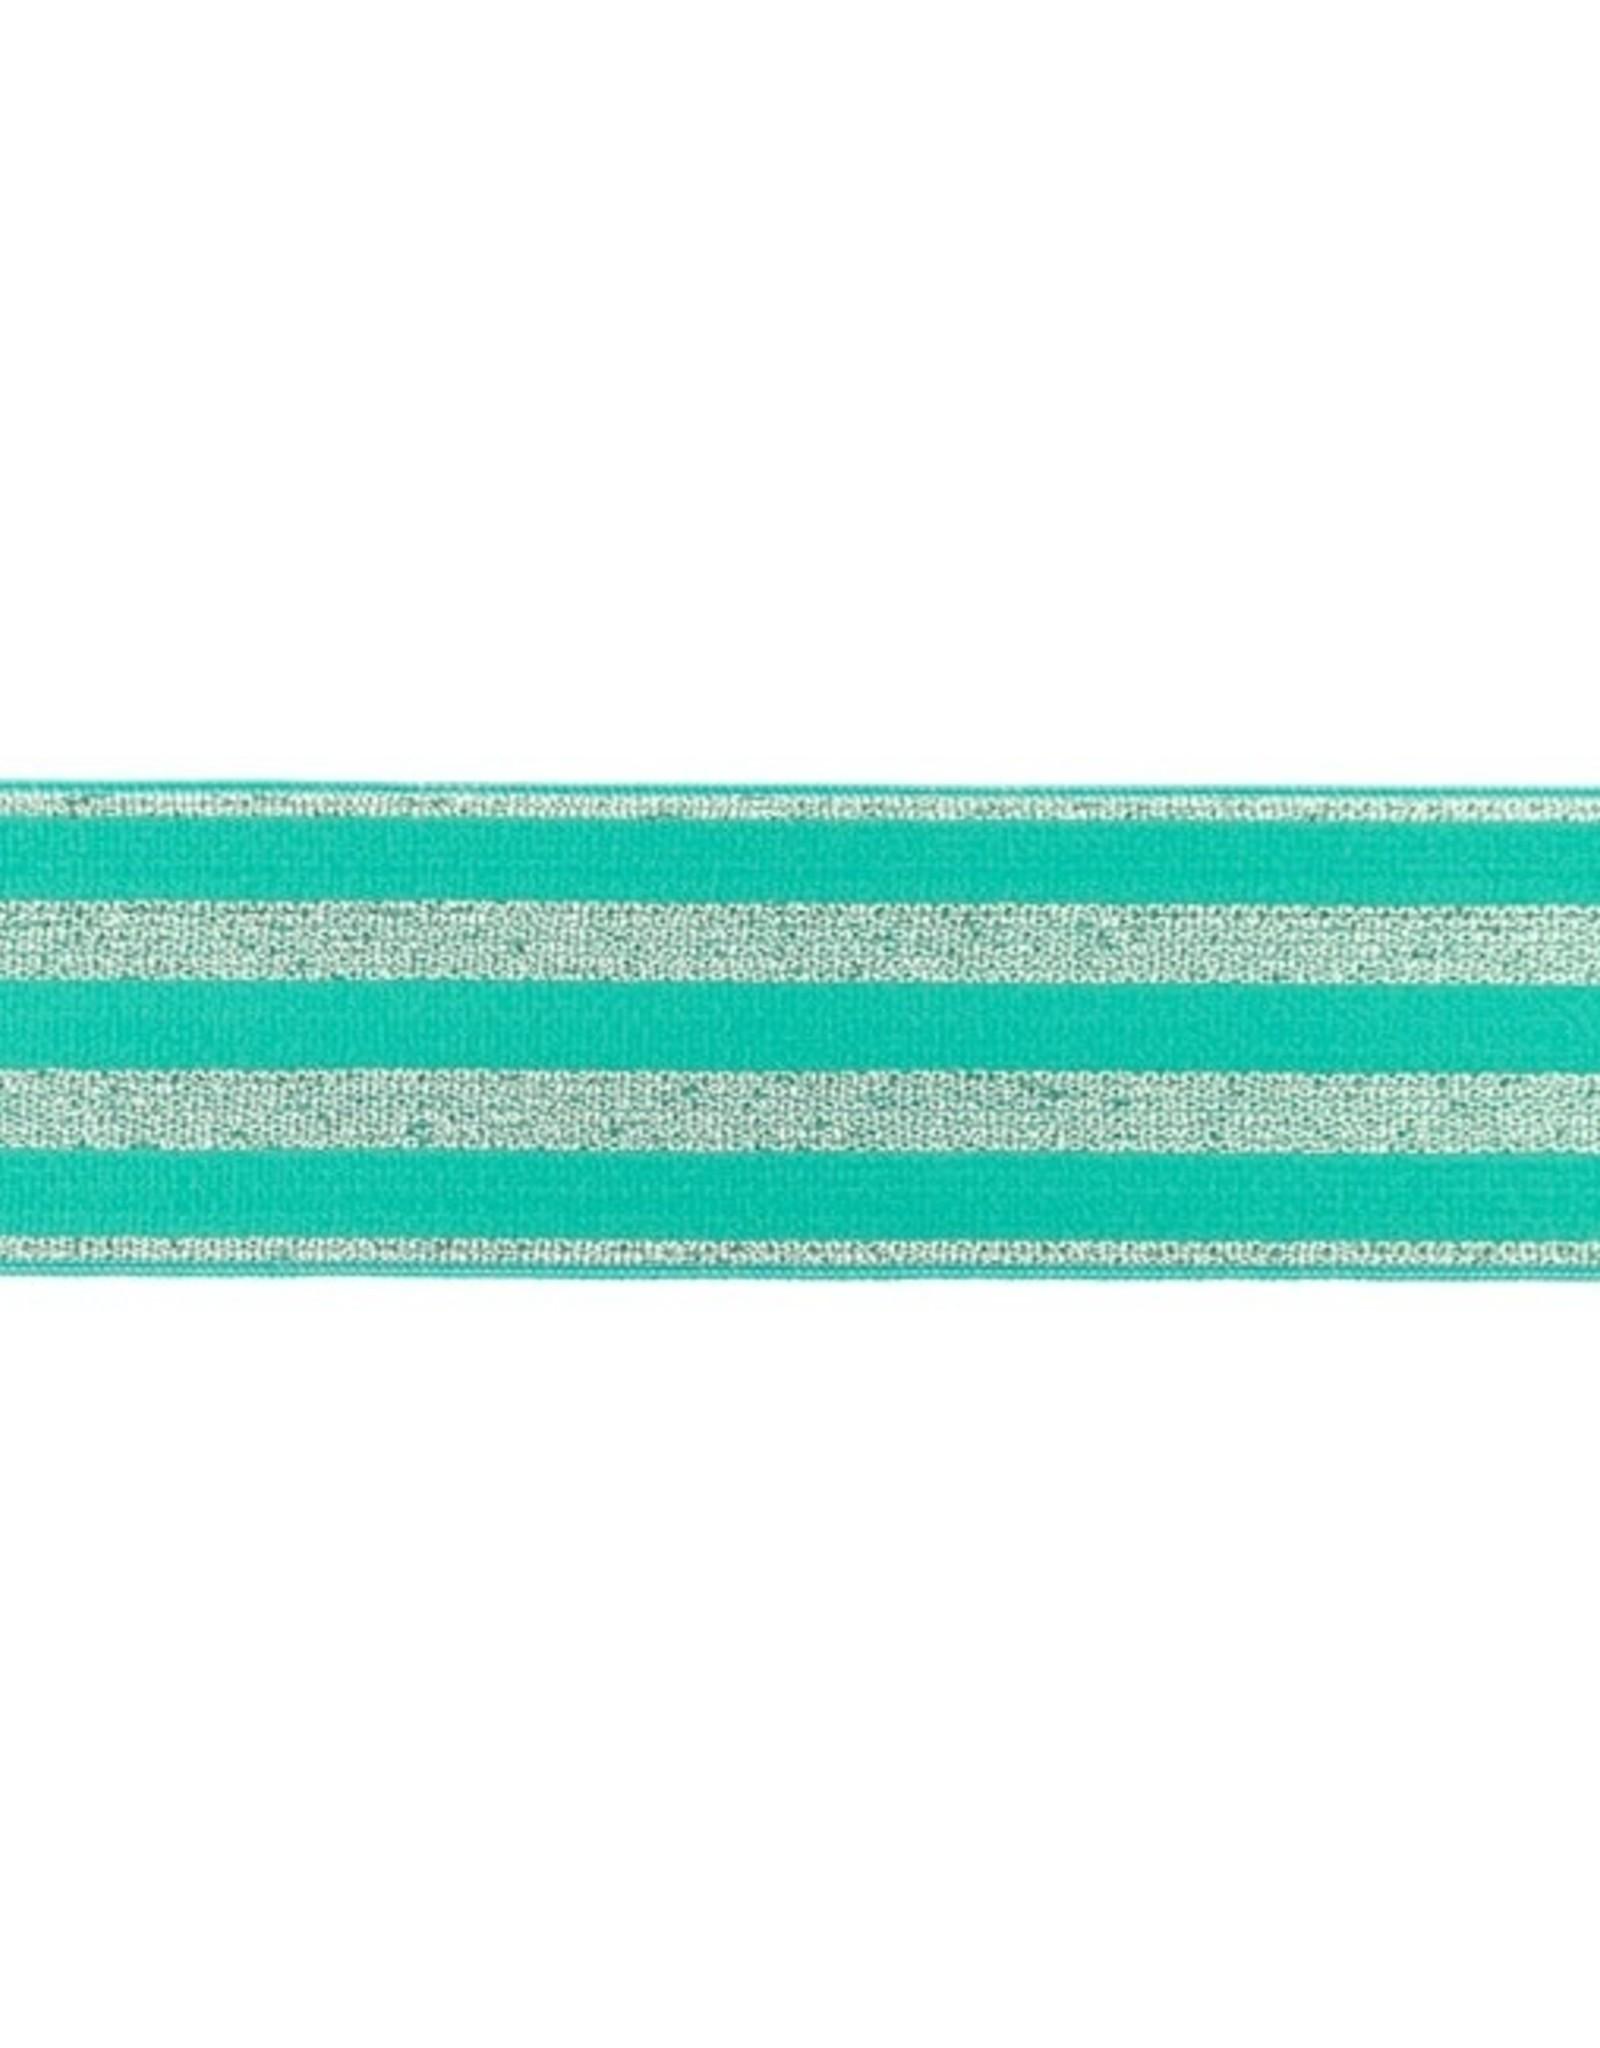 Elastiek lurex zilver 40 mm turquoise